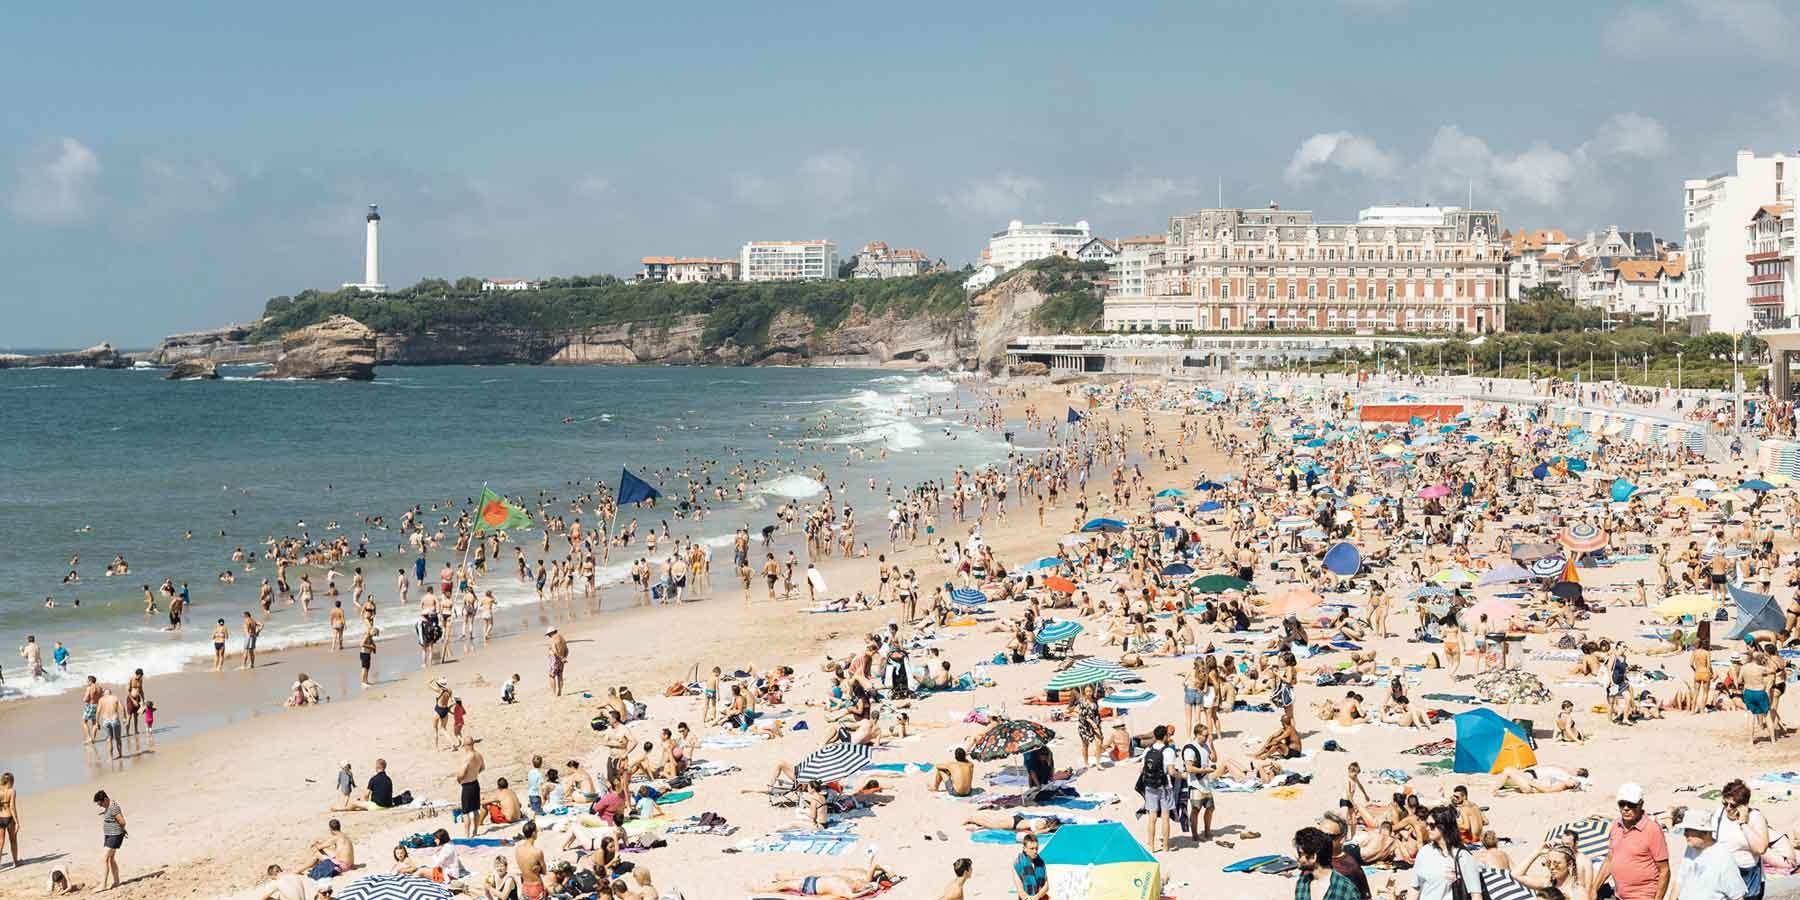 Comment prendre soin de sa peau après une journée de plage ?